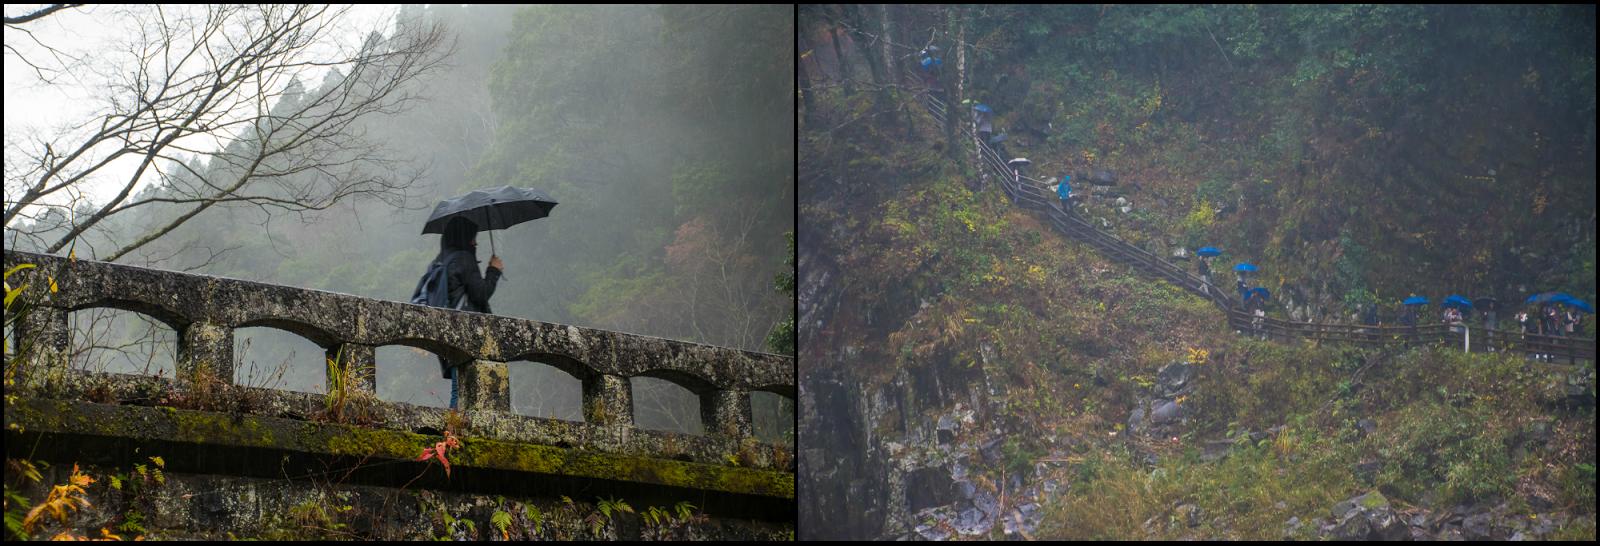 fog and rain in takachiho gorge japan